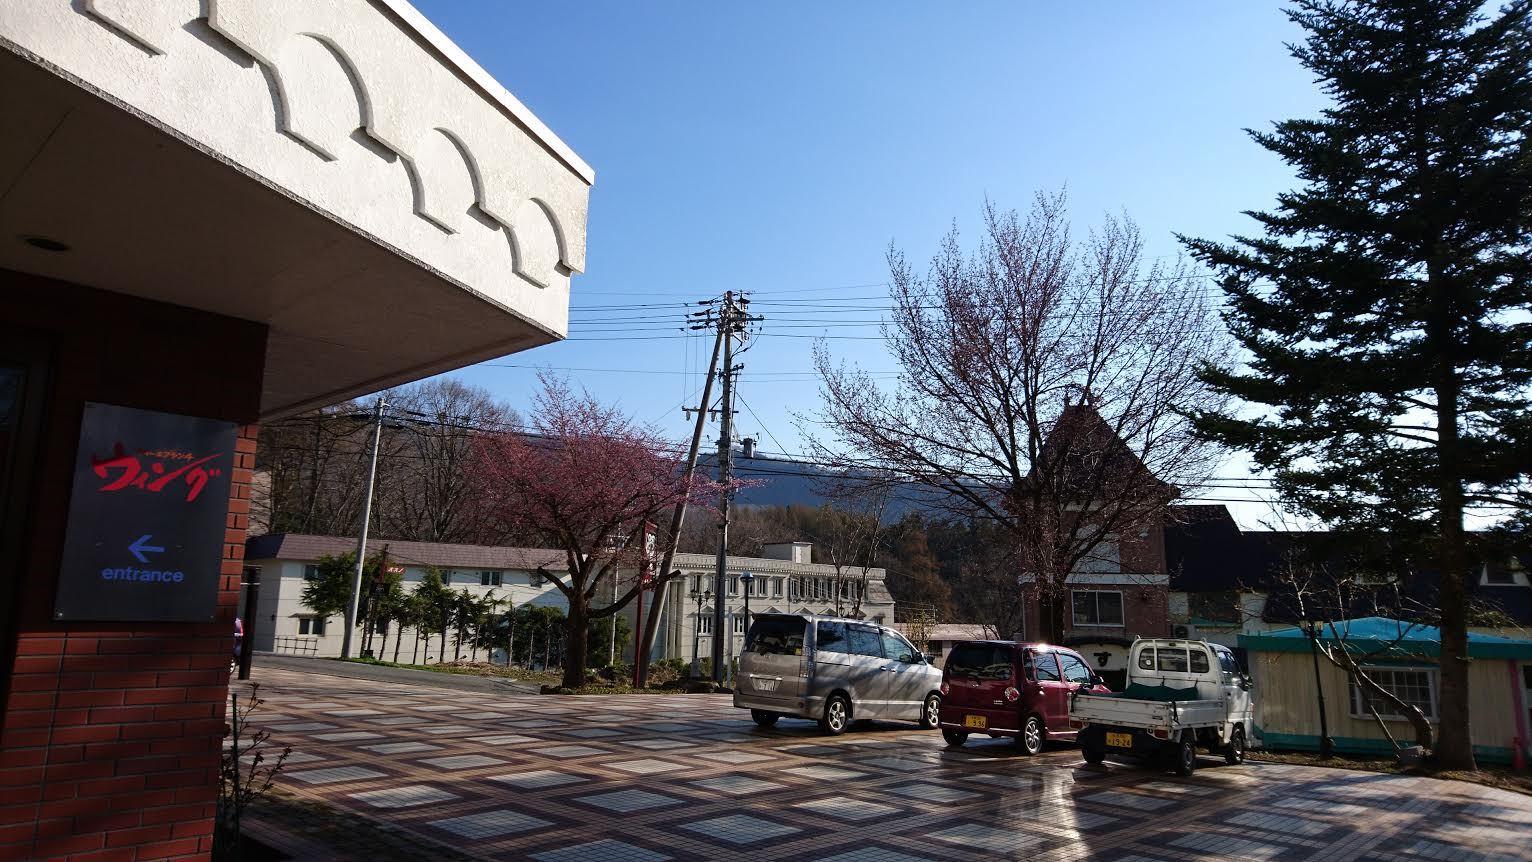 2017/04/28 良い天気です_a0140584_08242630.jpg